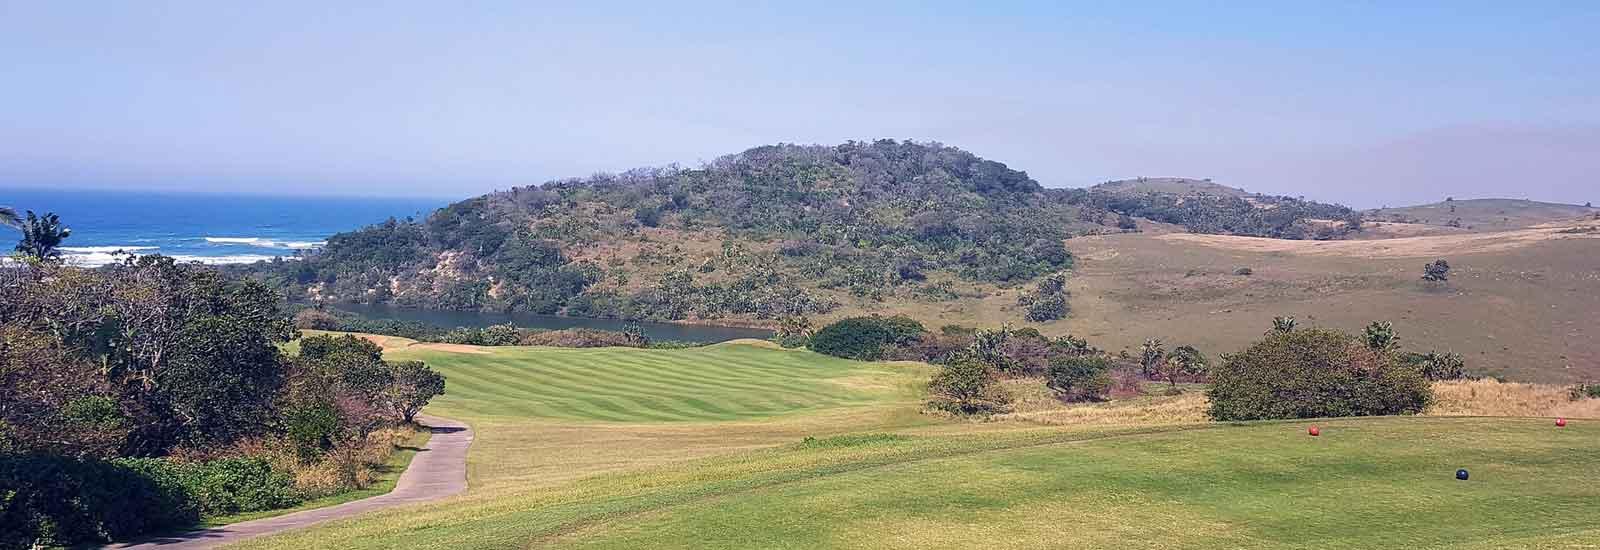 golfsport-auf-mallorca